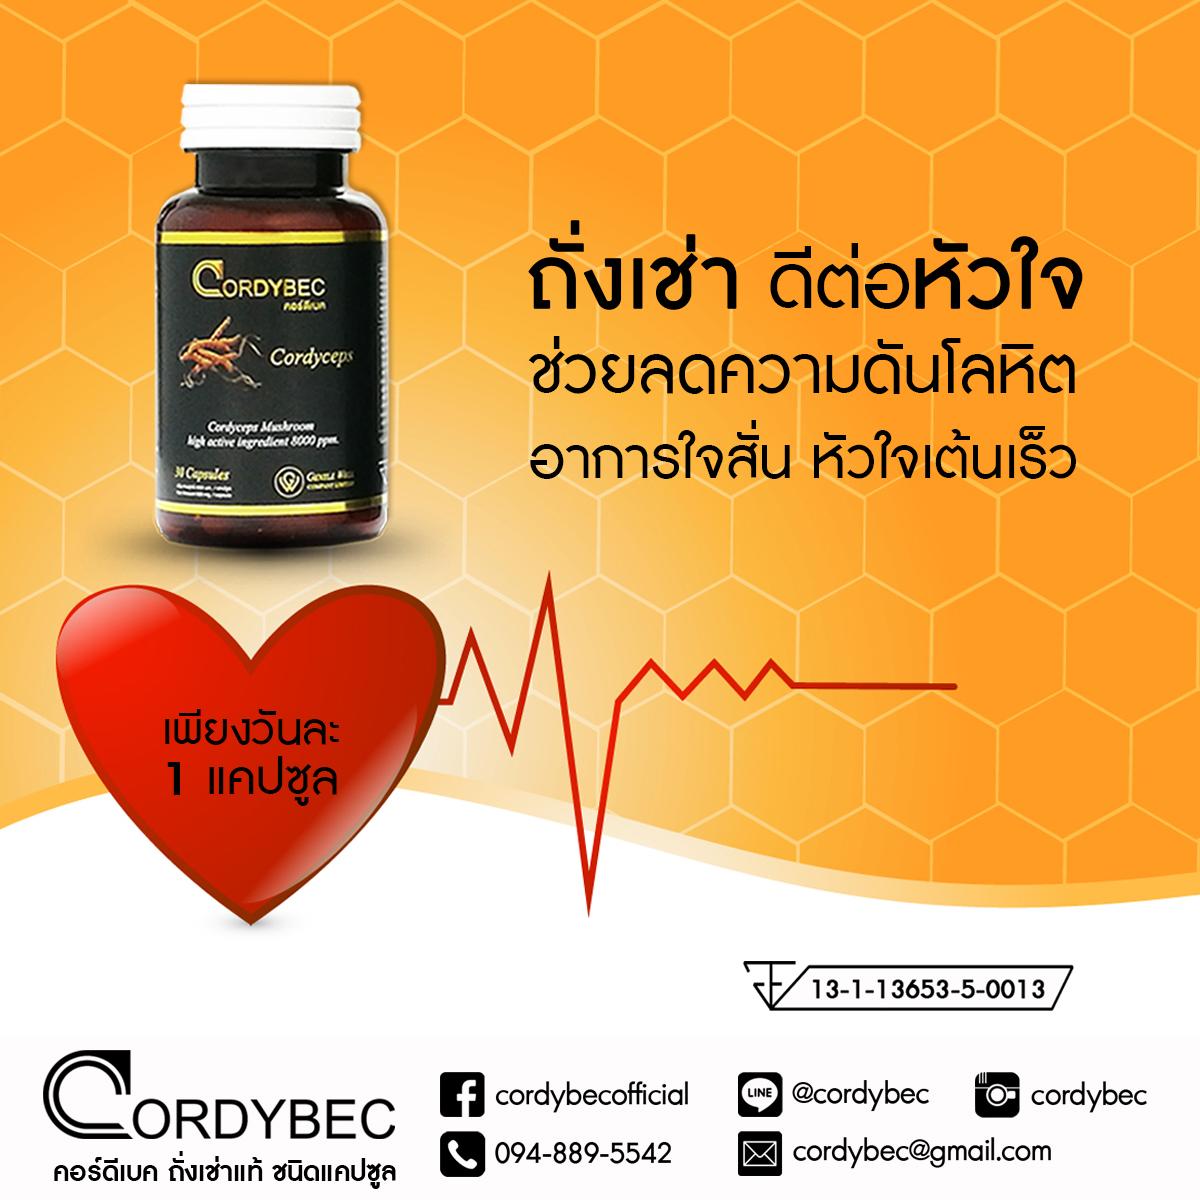 Cordybec Heart 011